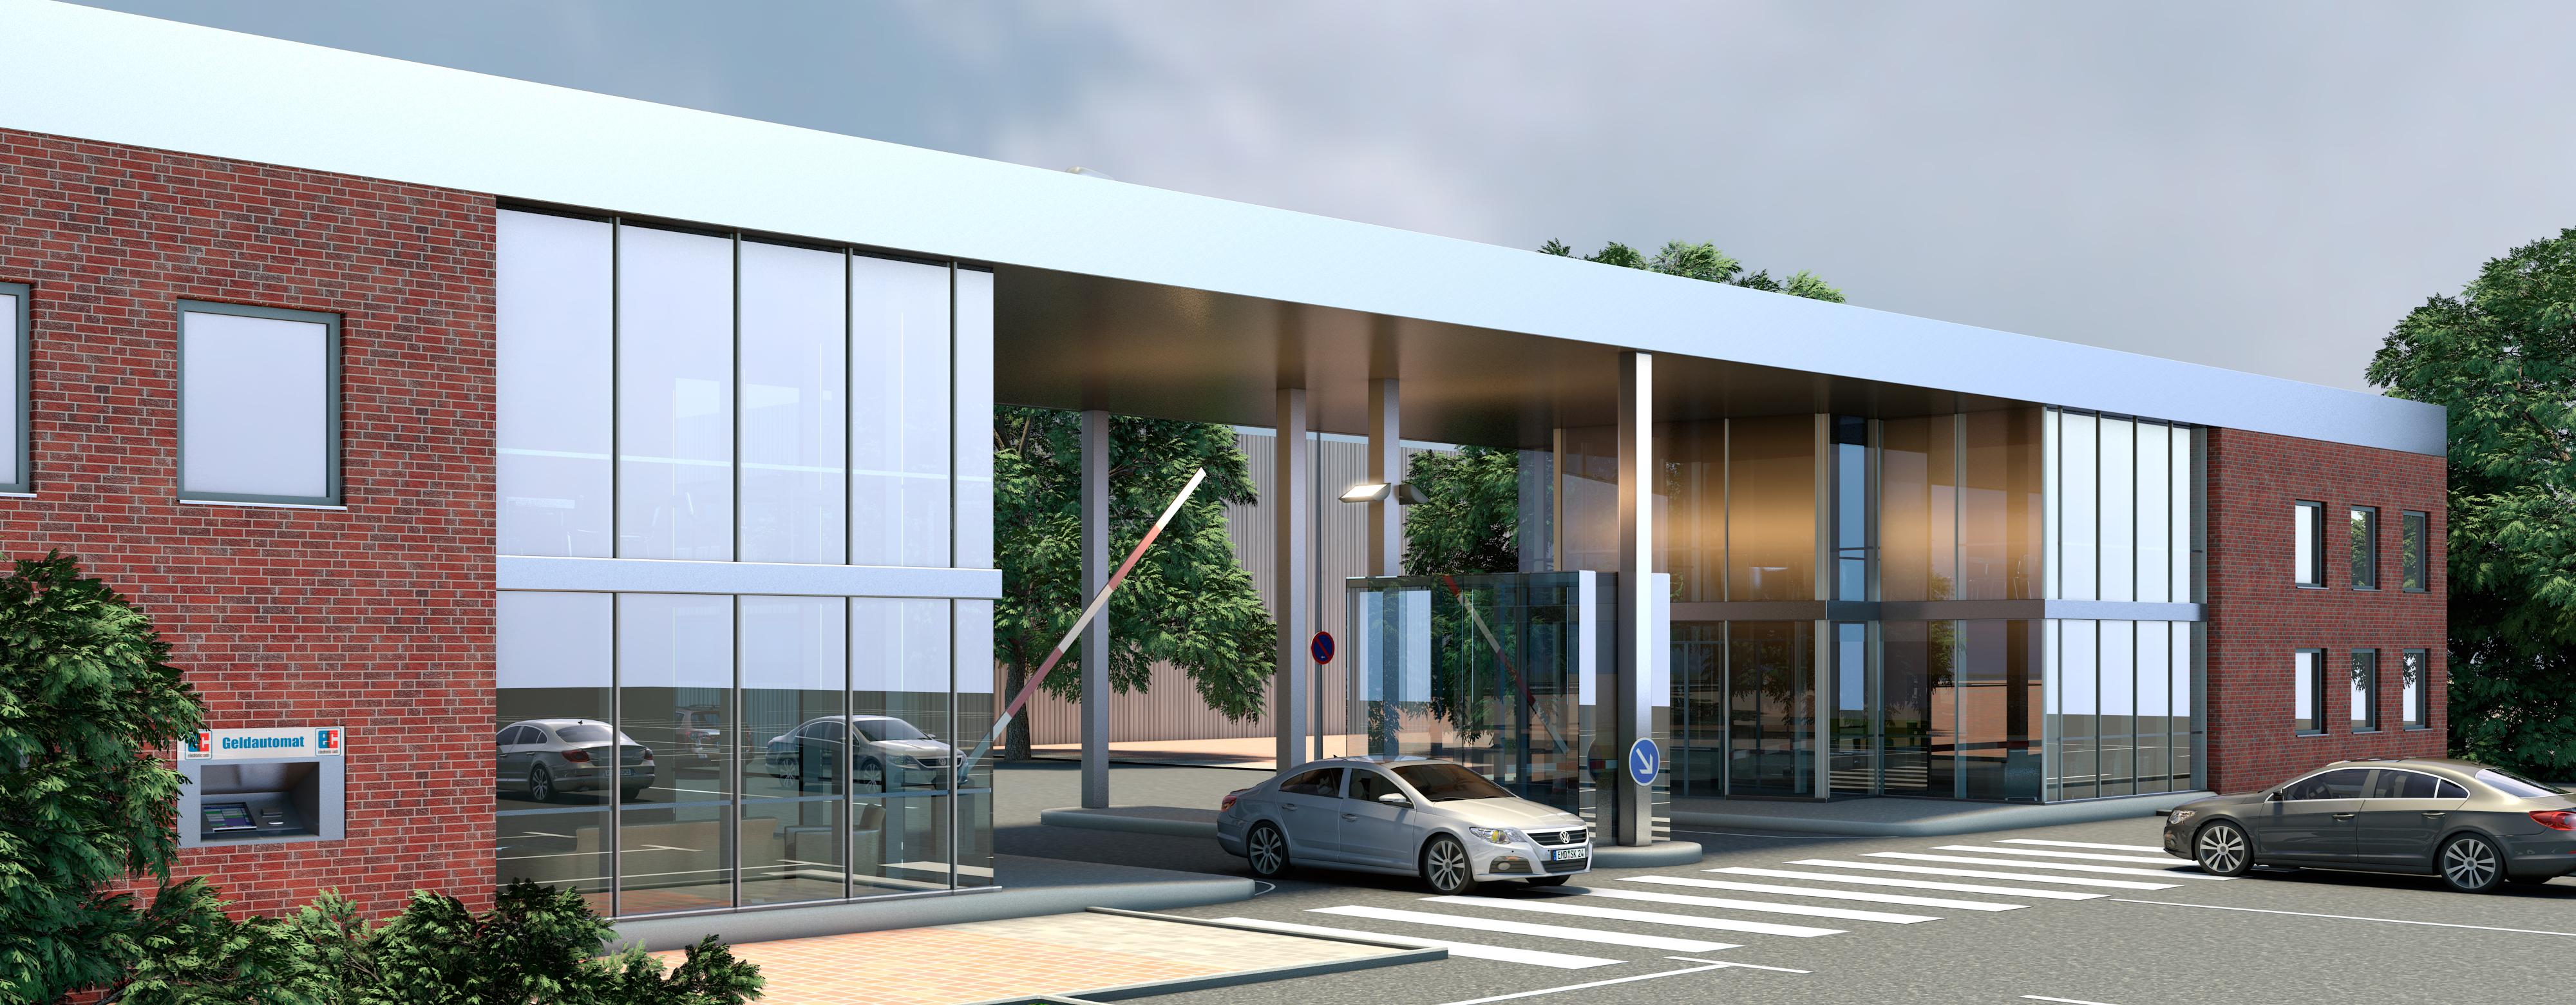 Architekturvisualisierung in 3d artec berlin - Architekturvisualisierung berlin ...